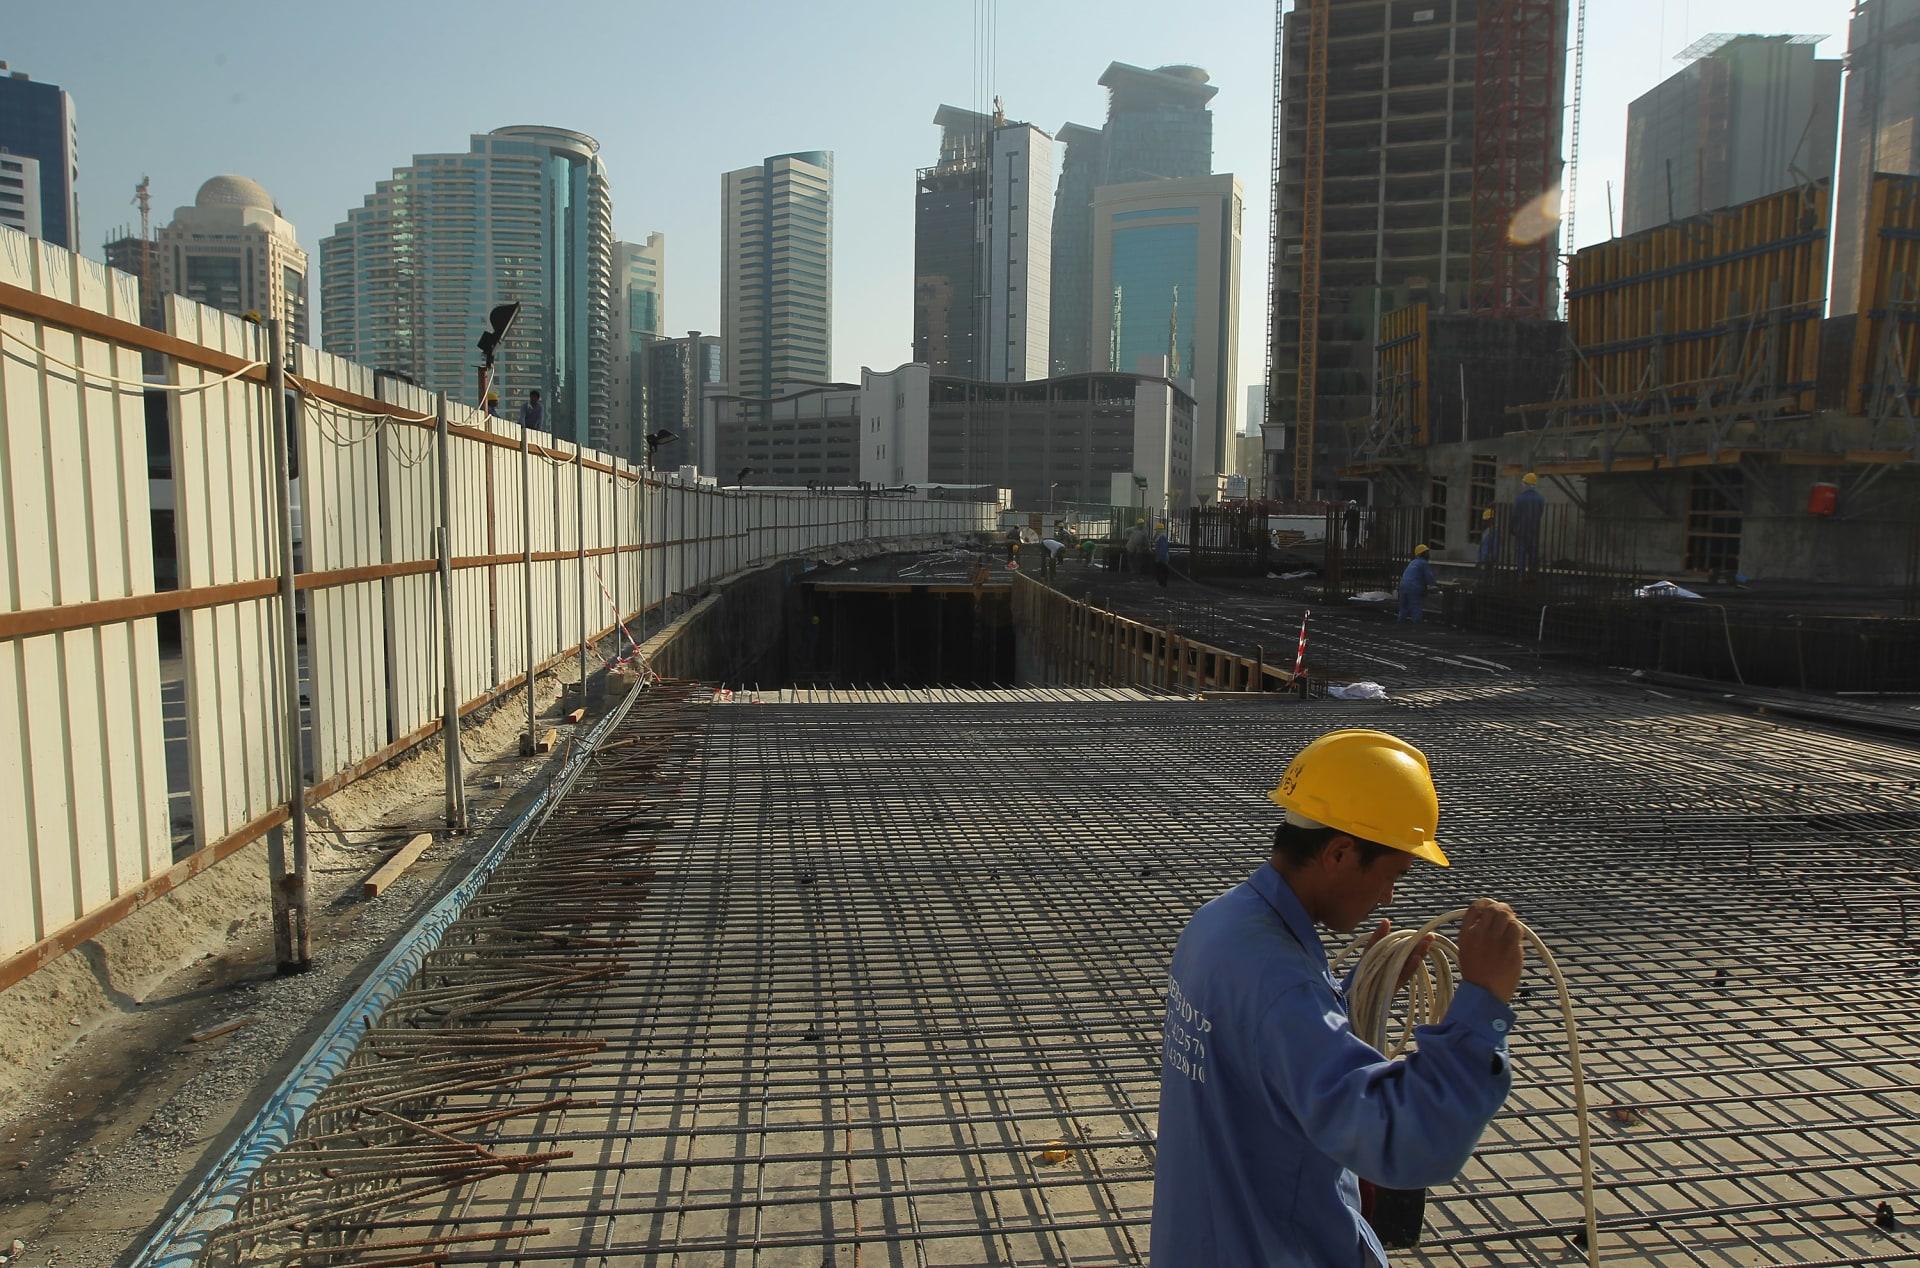 """أمنيستي تعتبر الإصلاحات القطرية في سوق العمل """"خطوة في الطريق الصحيح"""" لكنها غير كافية"""